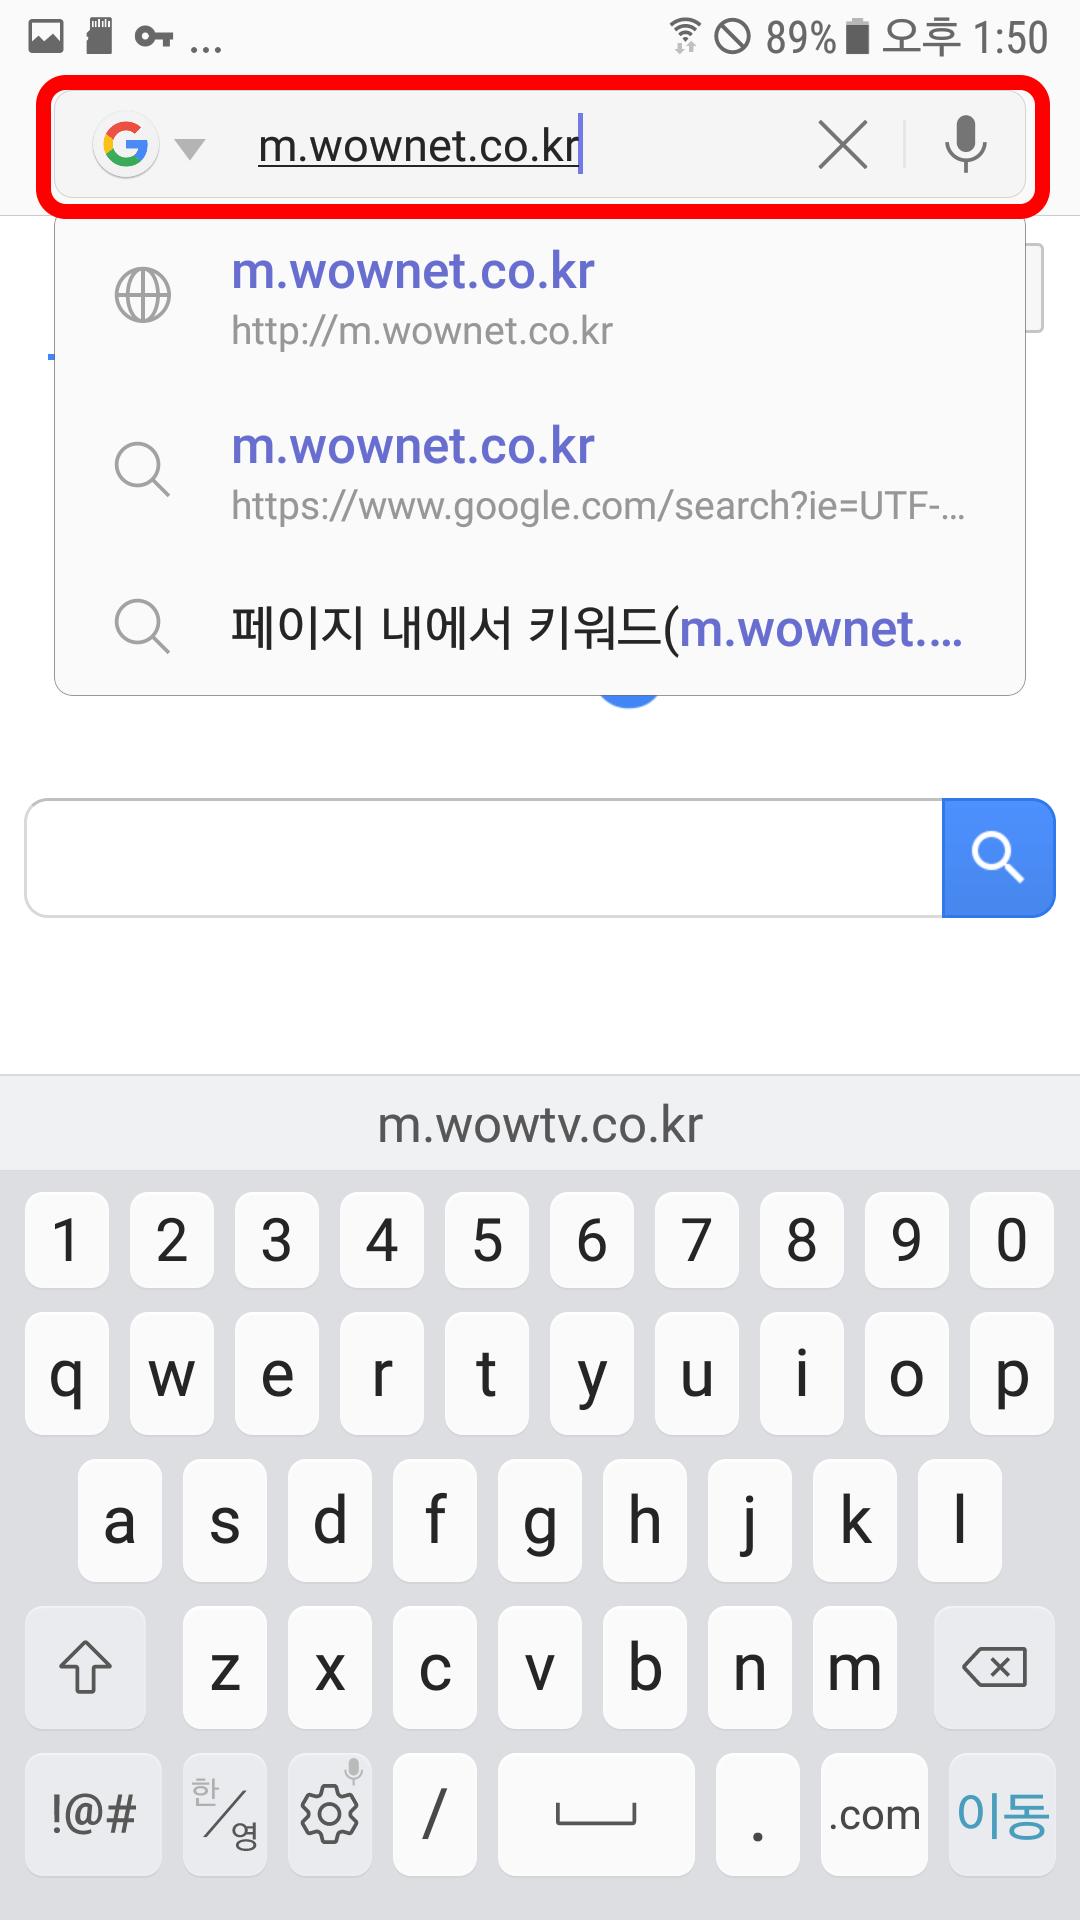 주소창에 m.wownet.co.kr 또는 wownet.co.kr 입력 설명을 돕기 위한 예시